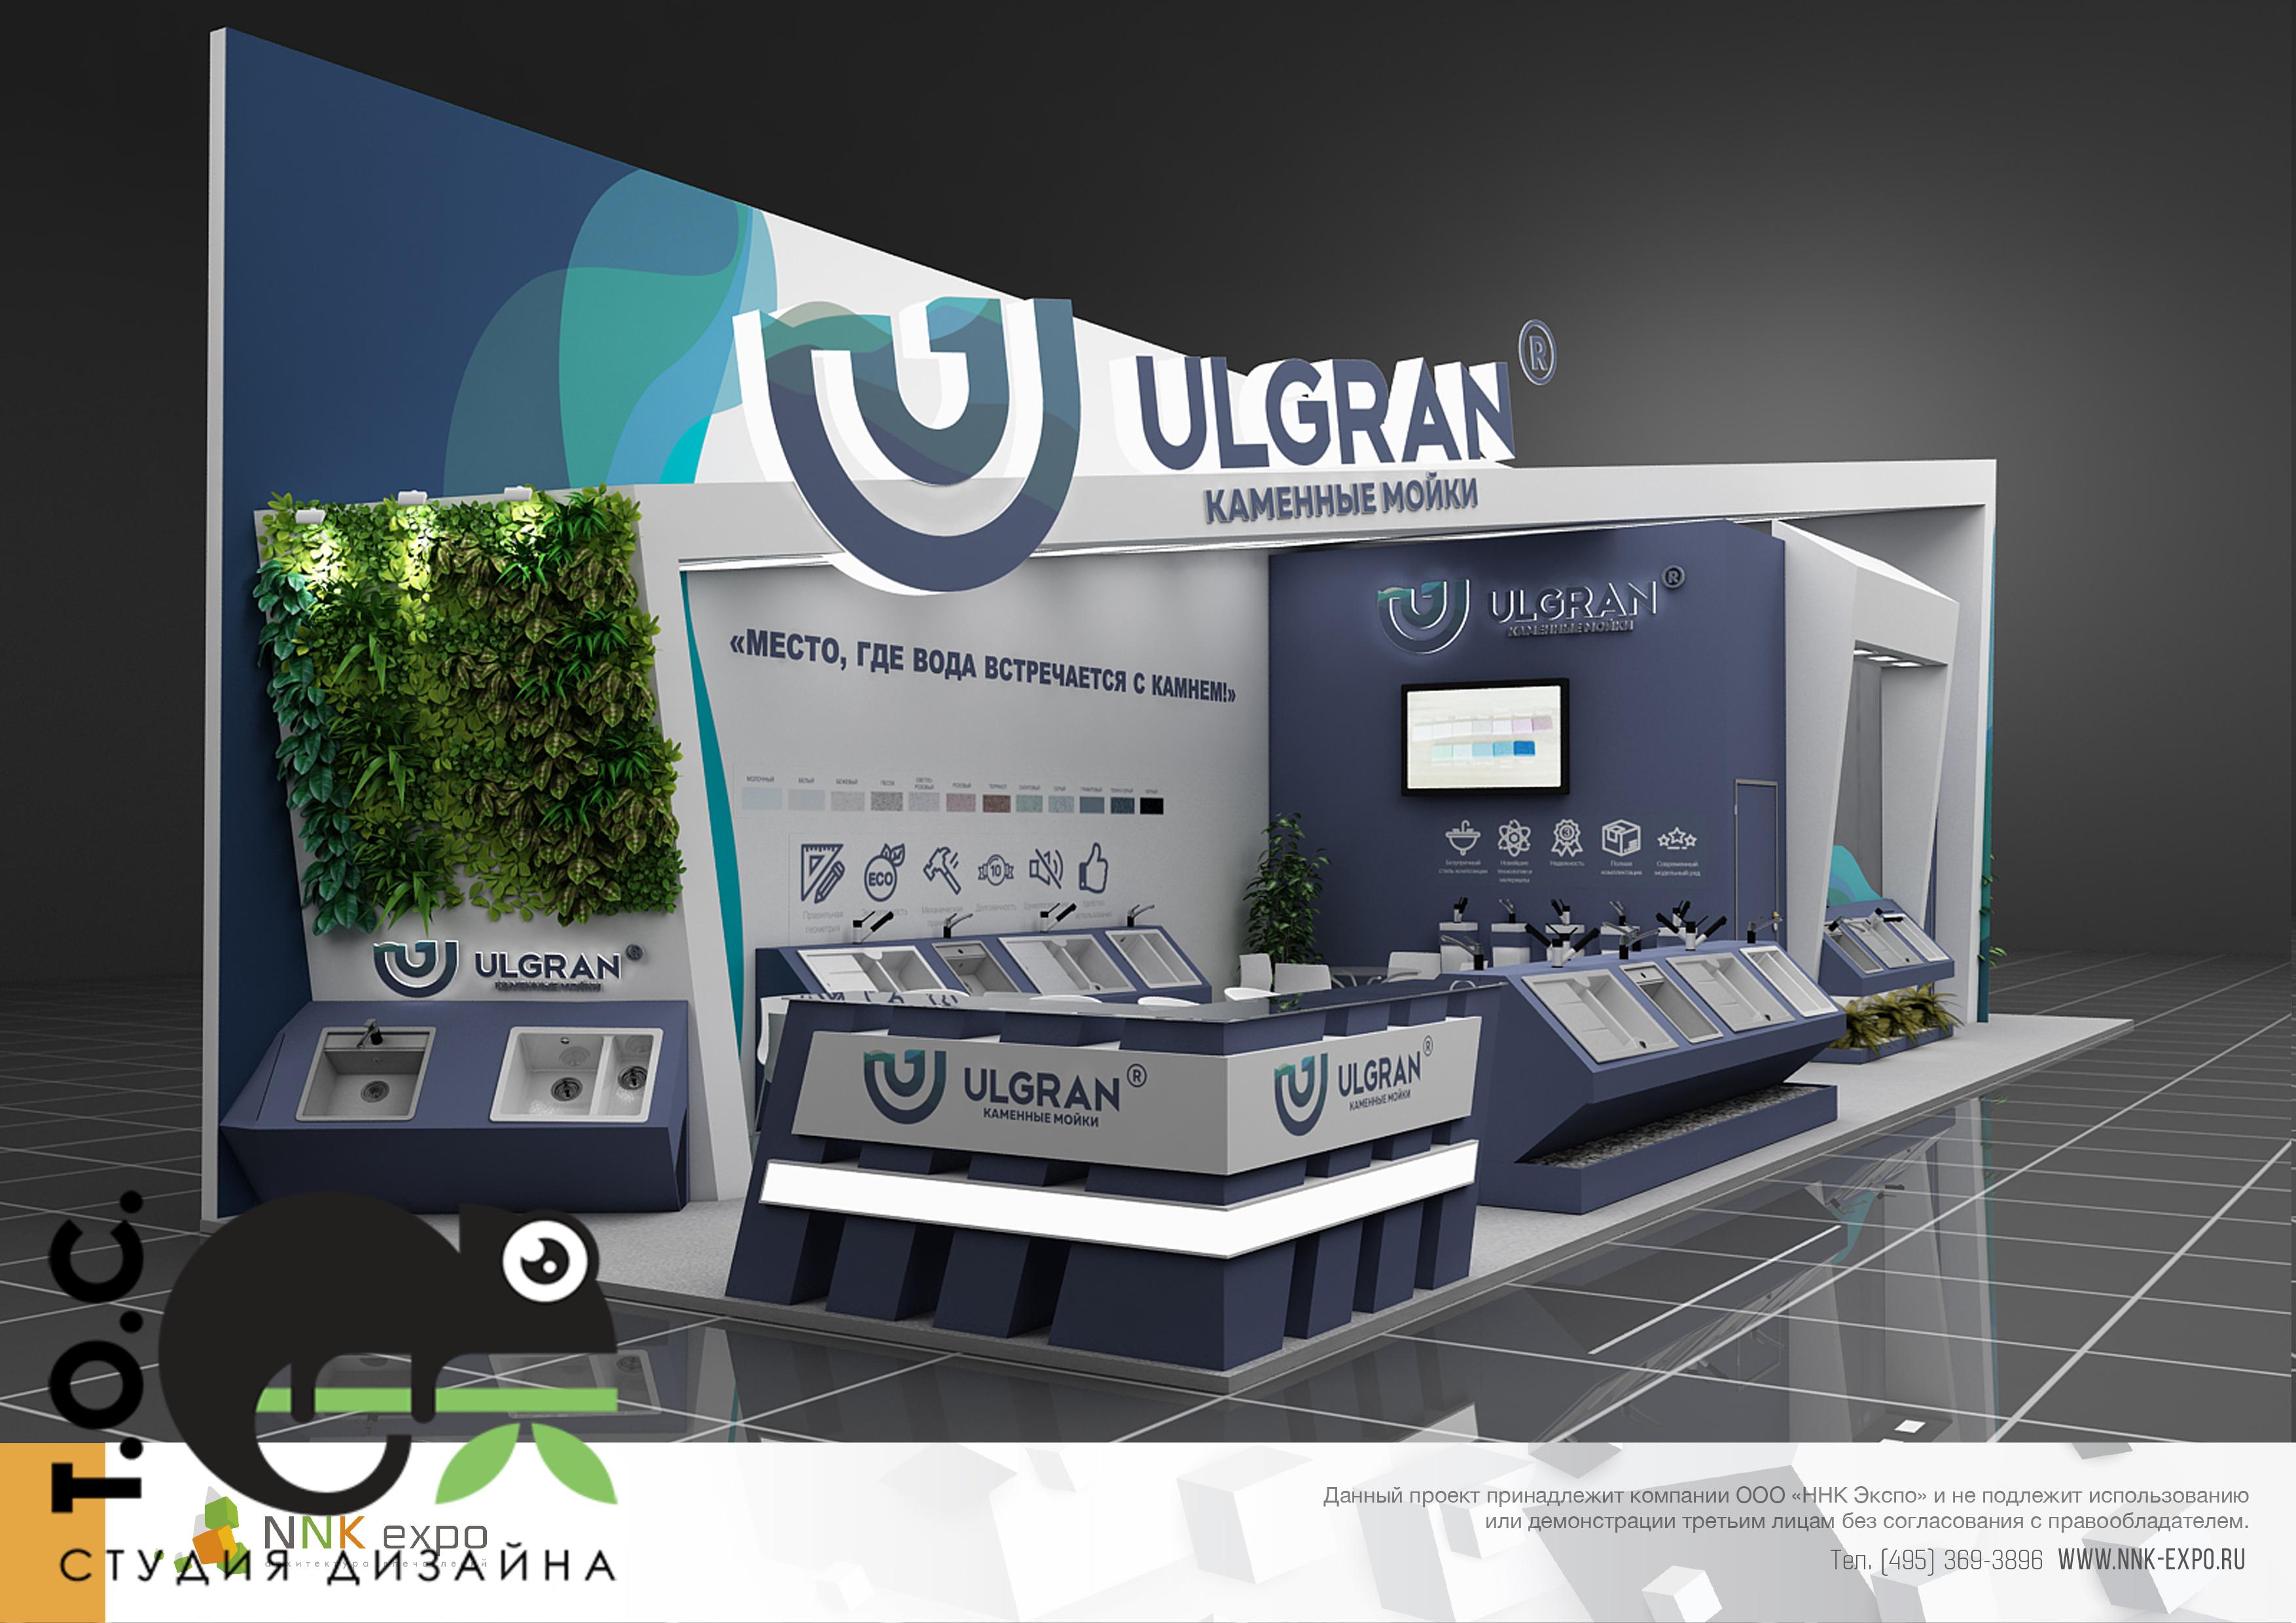 Дизайн проект выставочного стенда Ulgran. Каменные мойки.